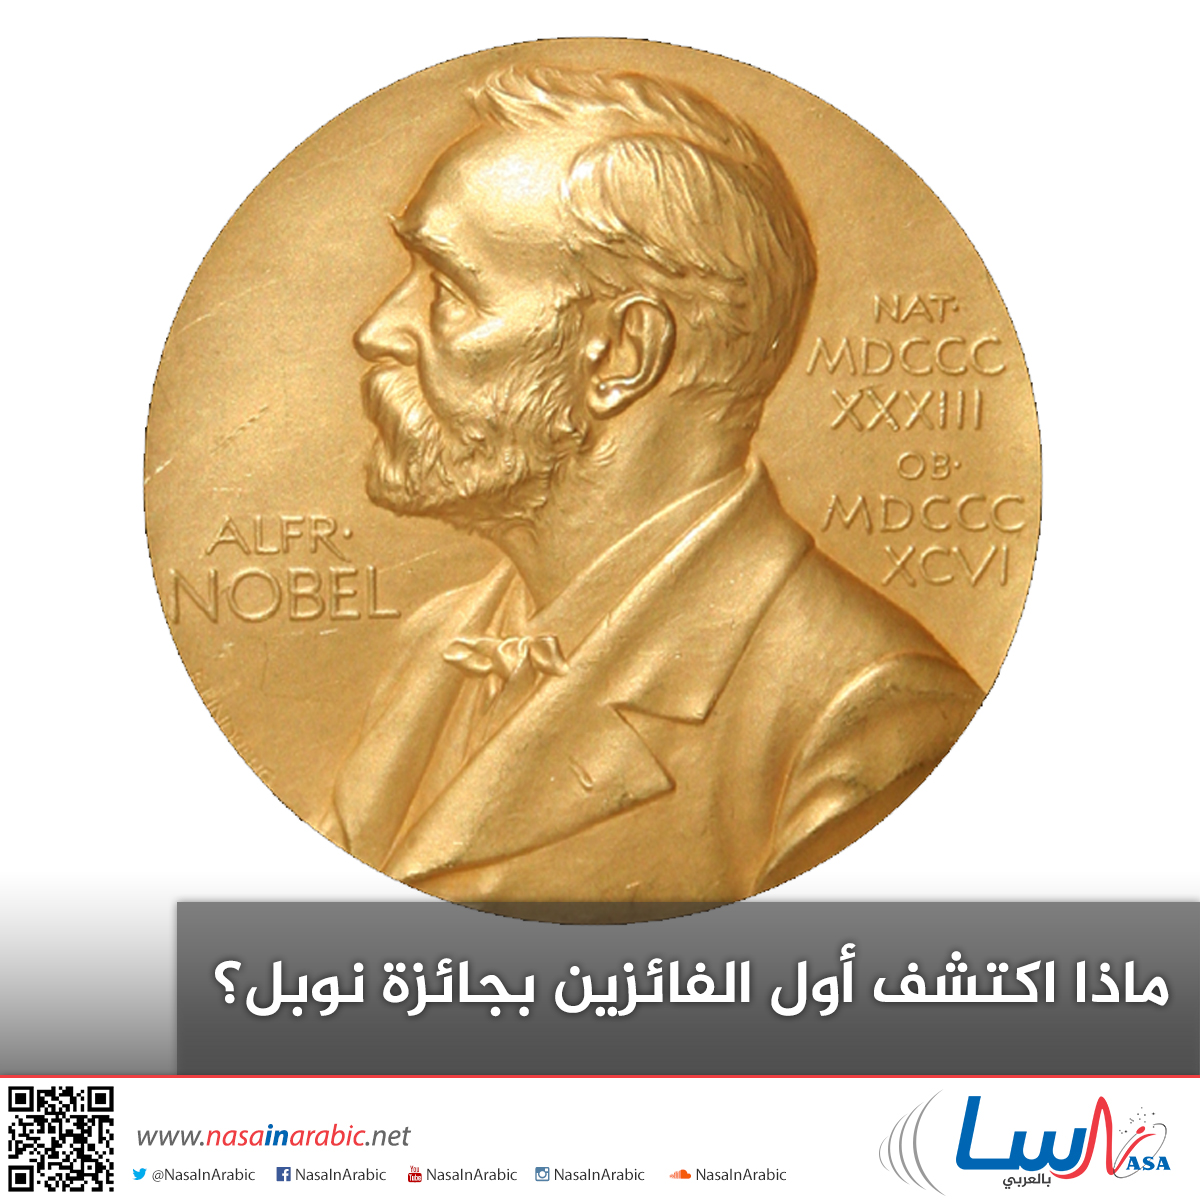 ماذا اكتشف أول الفائزين بجائزة نوبل؟